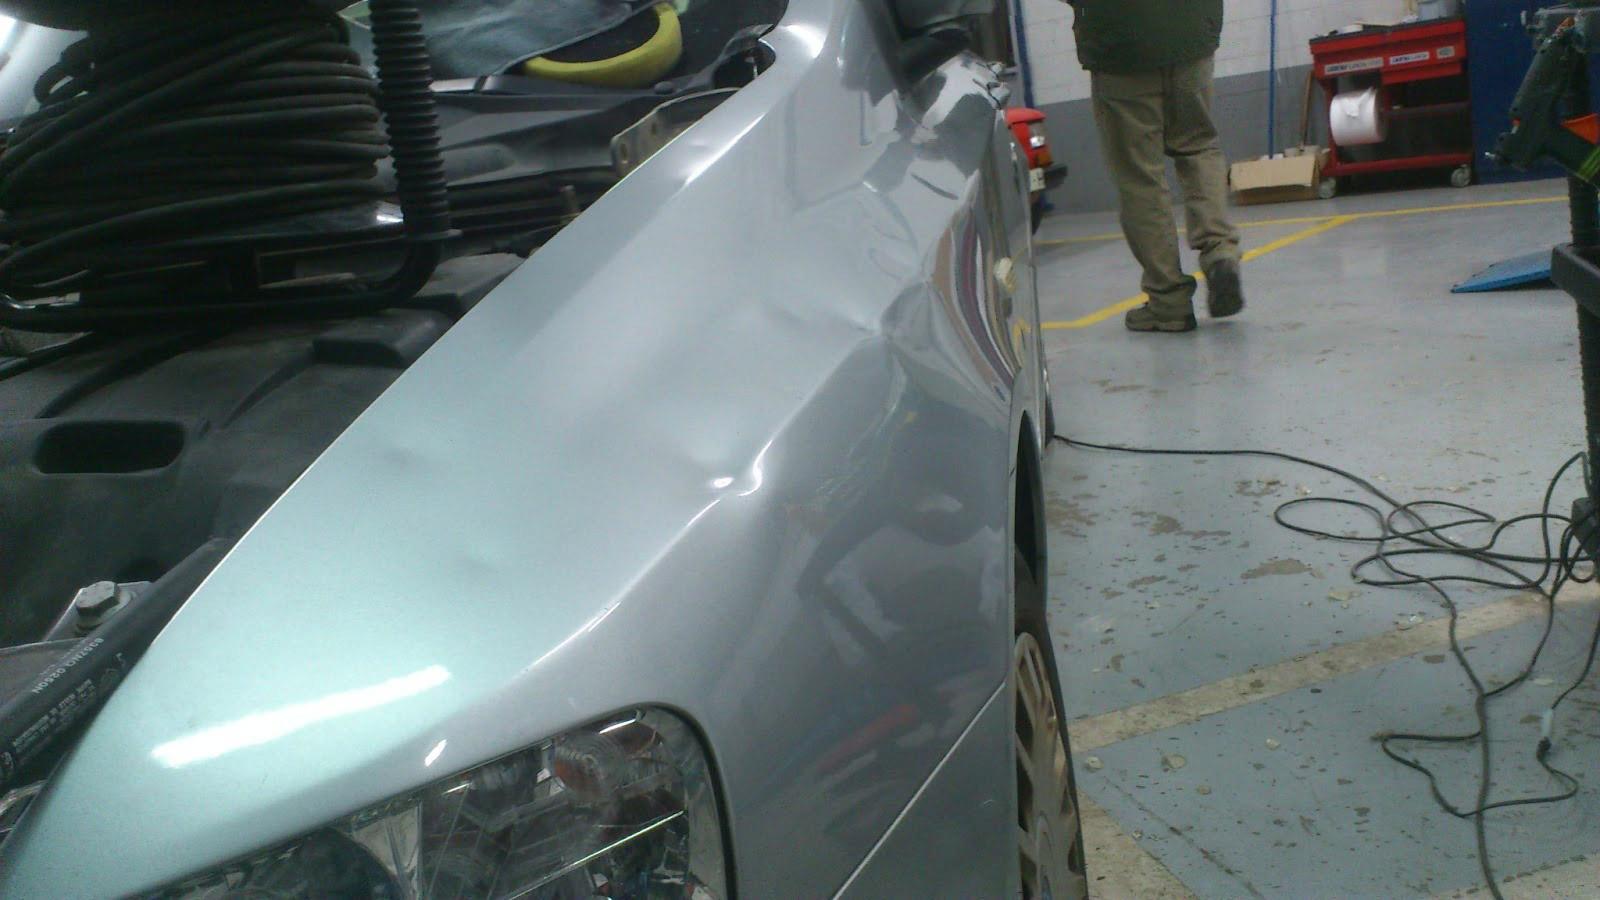 Coches antes y despu s de usar t cnica de las varillas - Quitar rayones coche facilmente ...